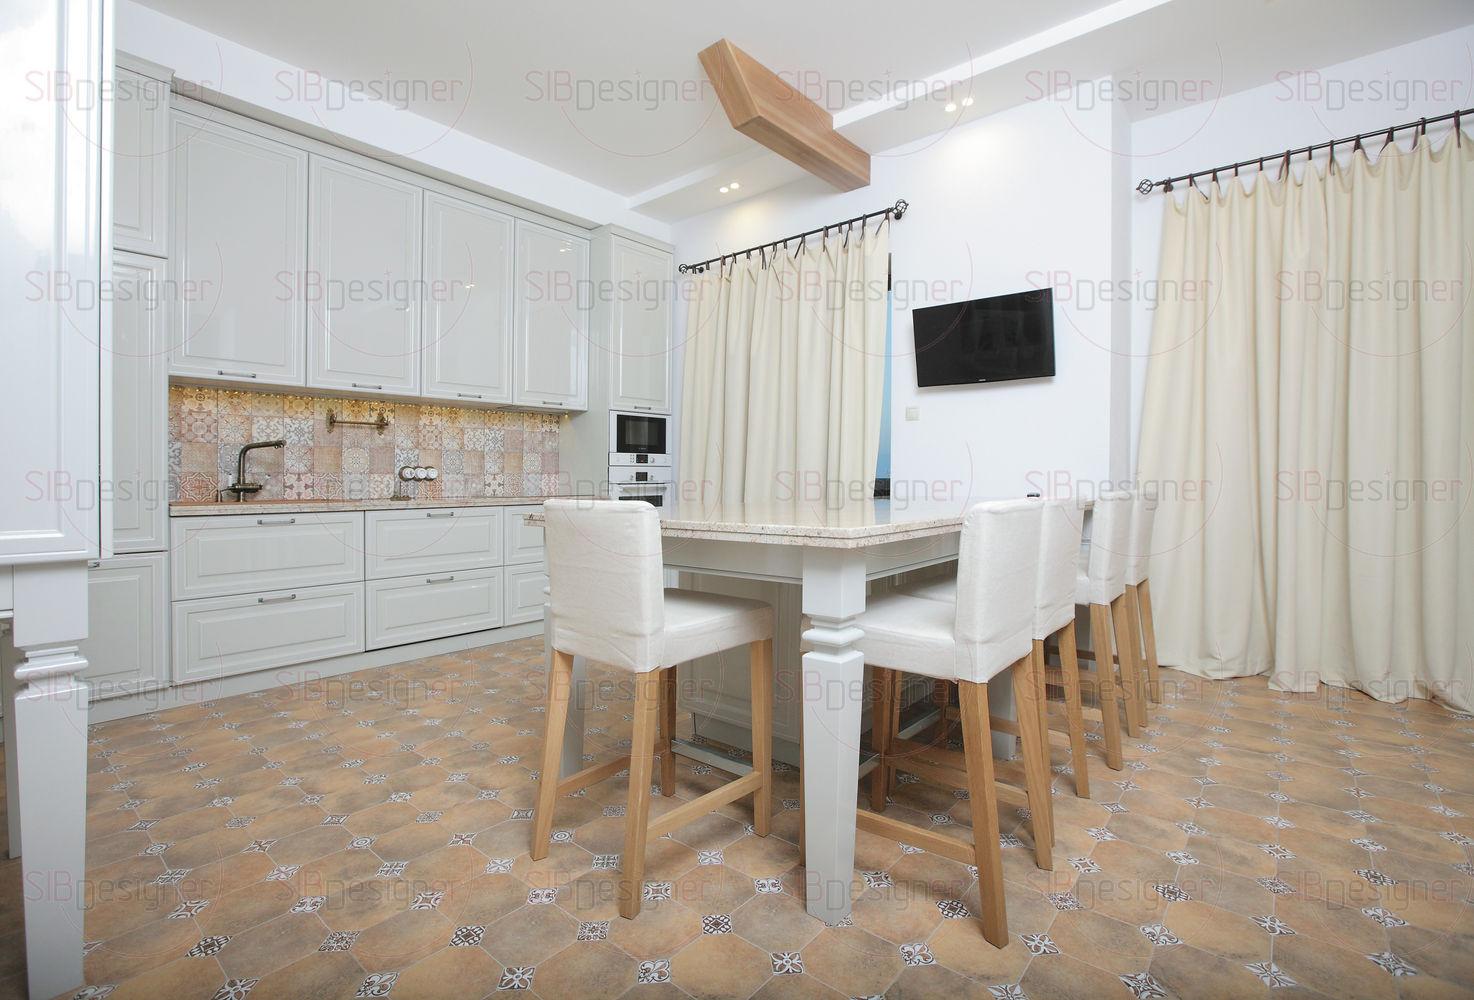 Потолочные балки на кухне и в гостиной не стали скрывать, а оформили согласно дизайну в стиле шале — предельно лаконично, с применением светлого оттенка.